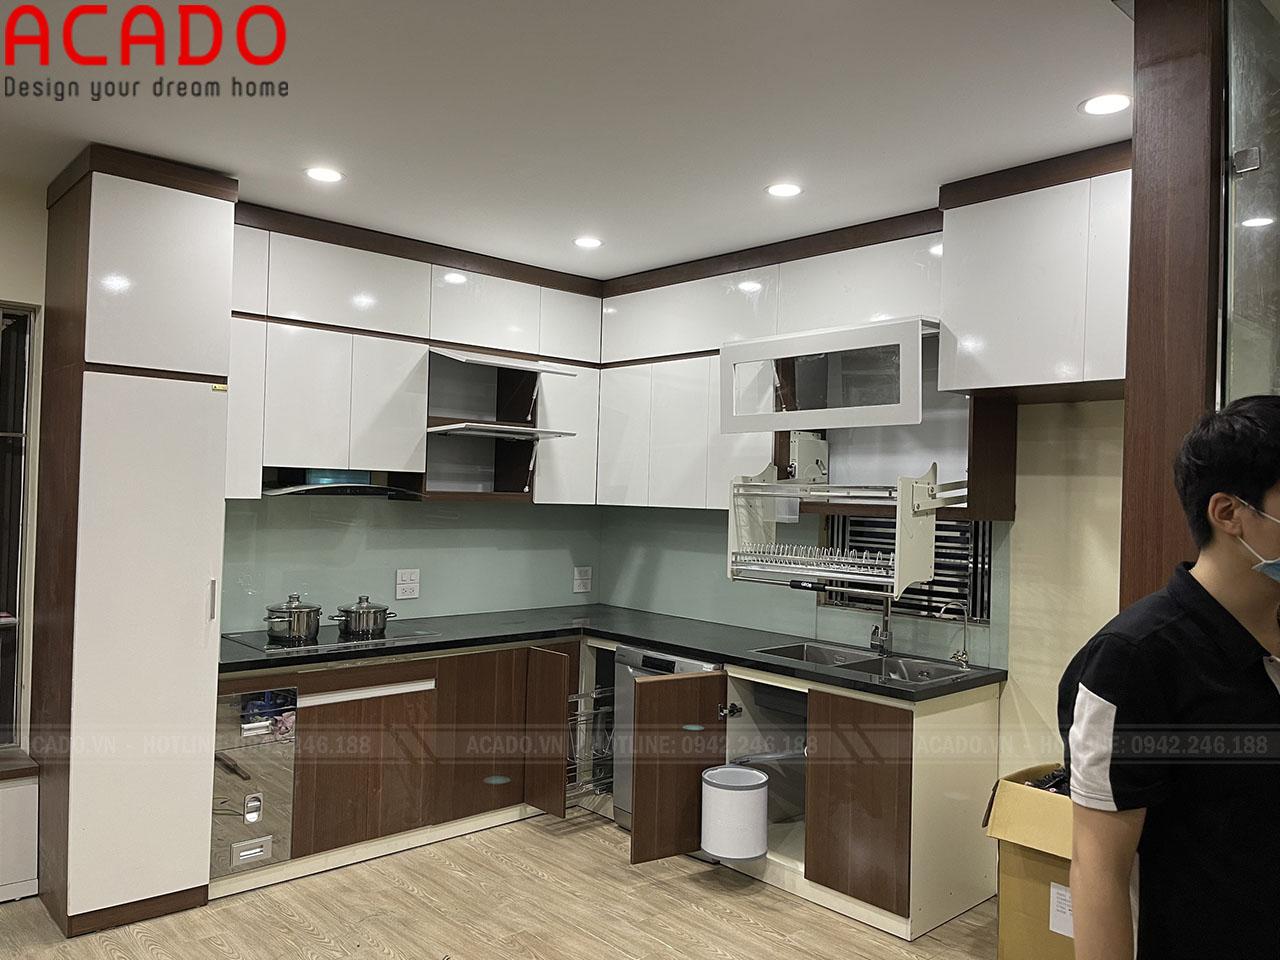 Tủ bếp Full phụ kiện mang lại sự tiện nghi cho khách hàng - Thi công nội thất tại ACADO